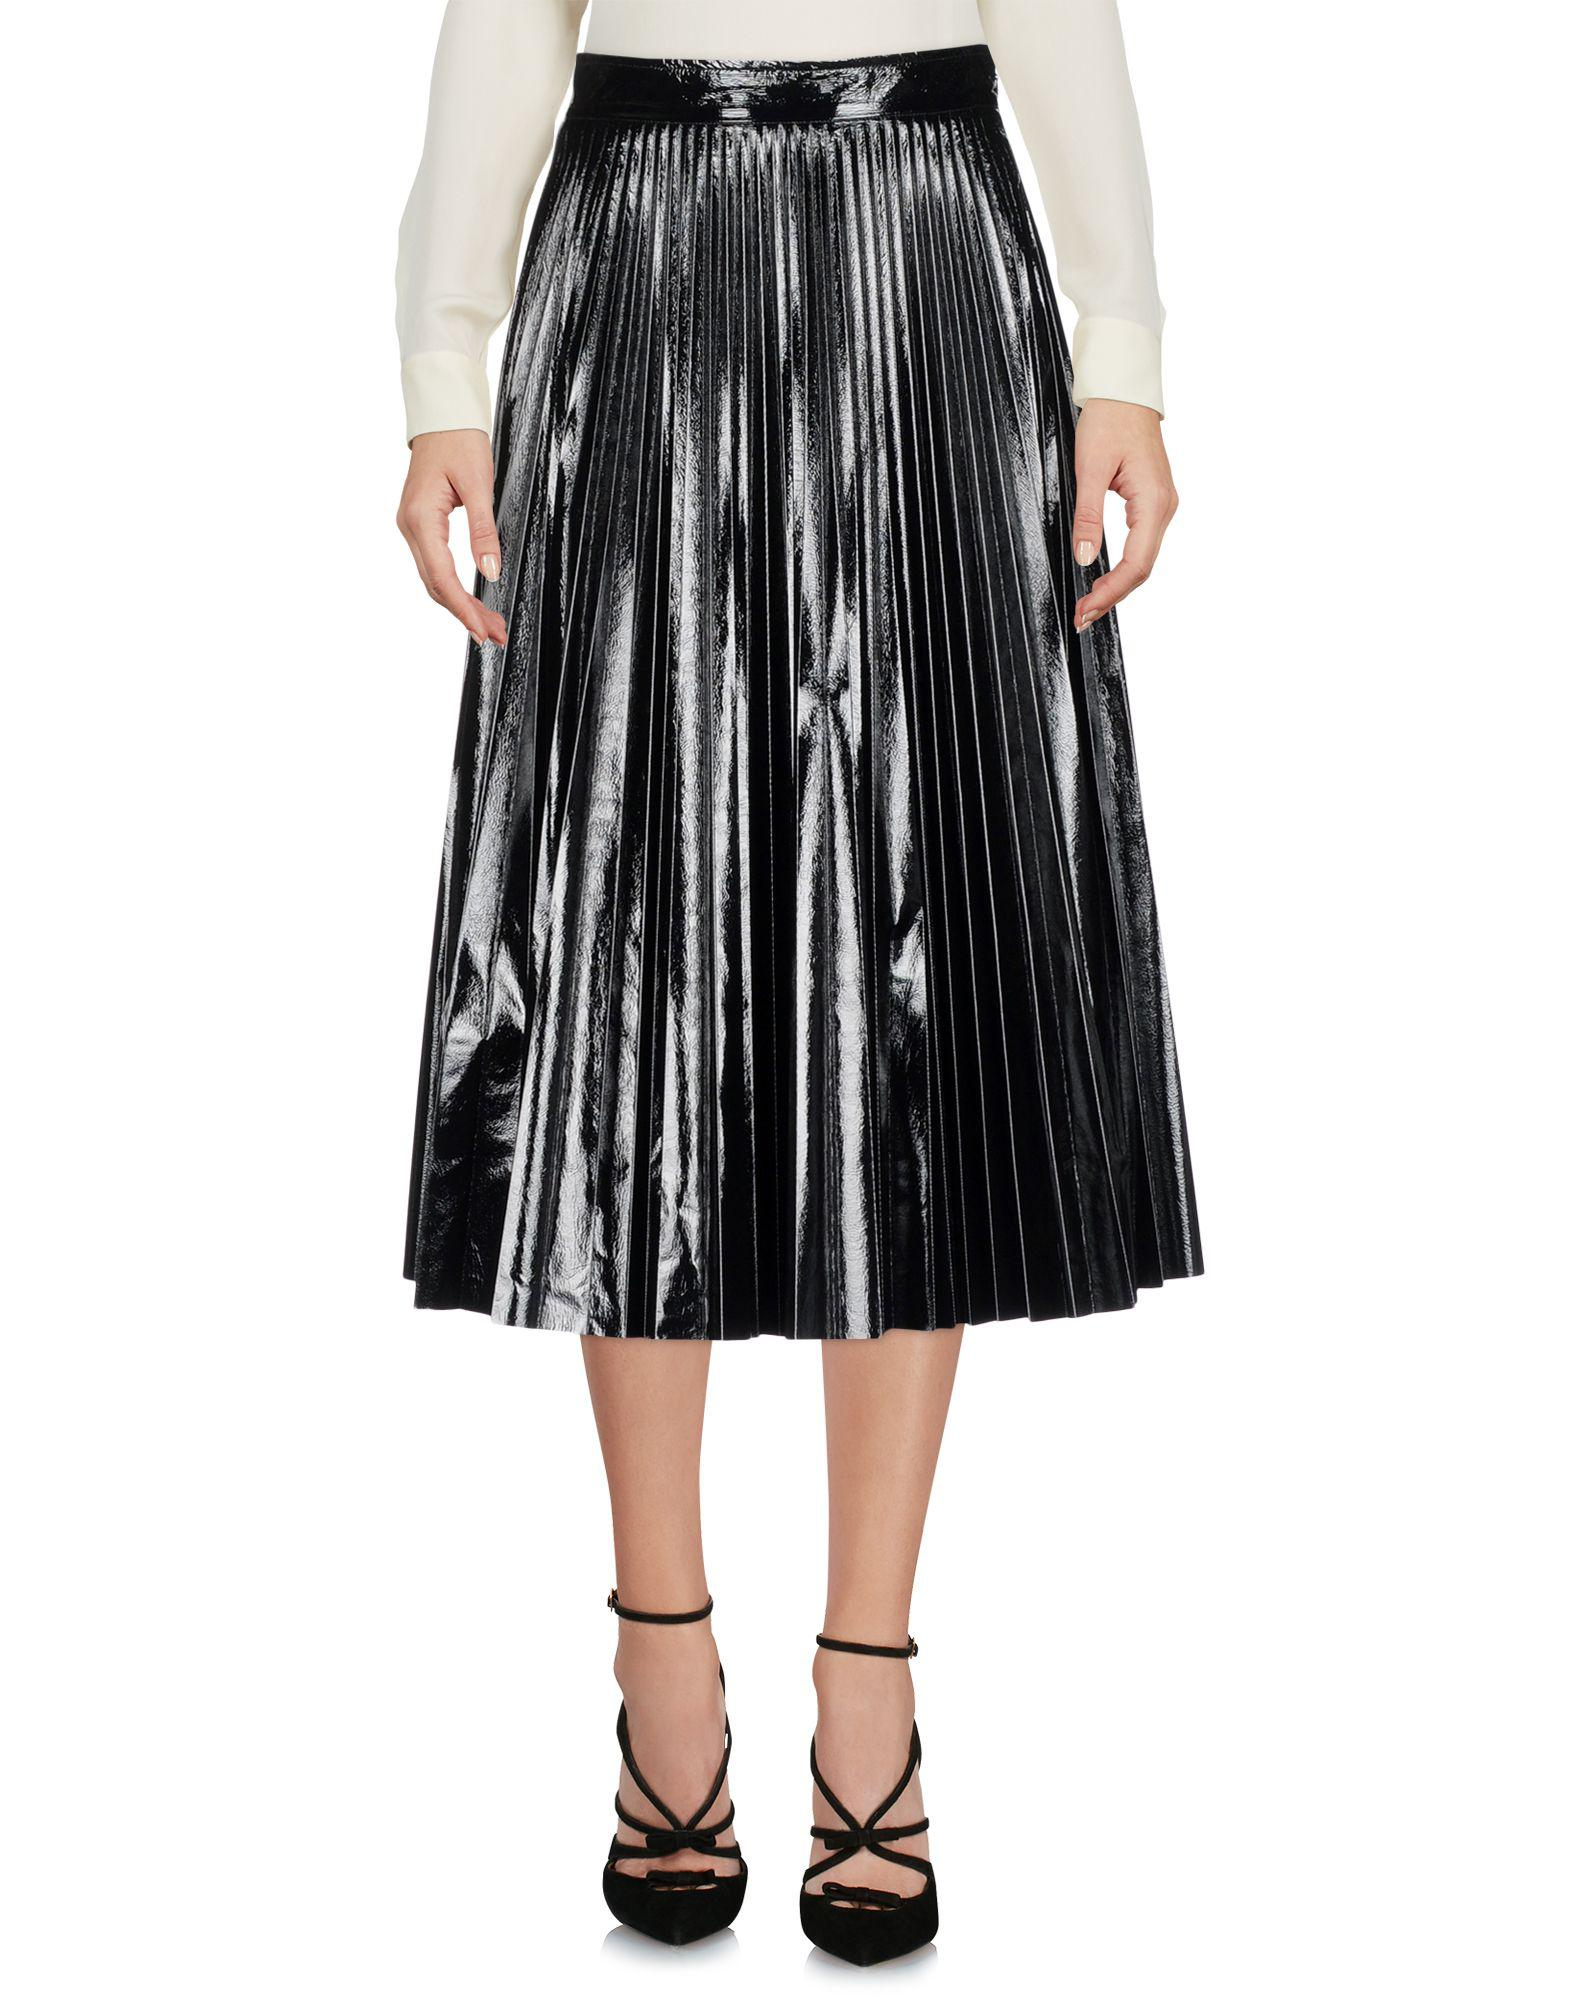 765655bbf Amen 3/4 Length Skirt in Black - Lyst